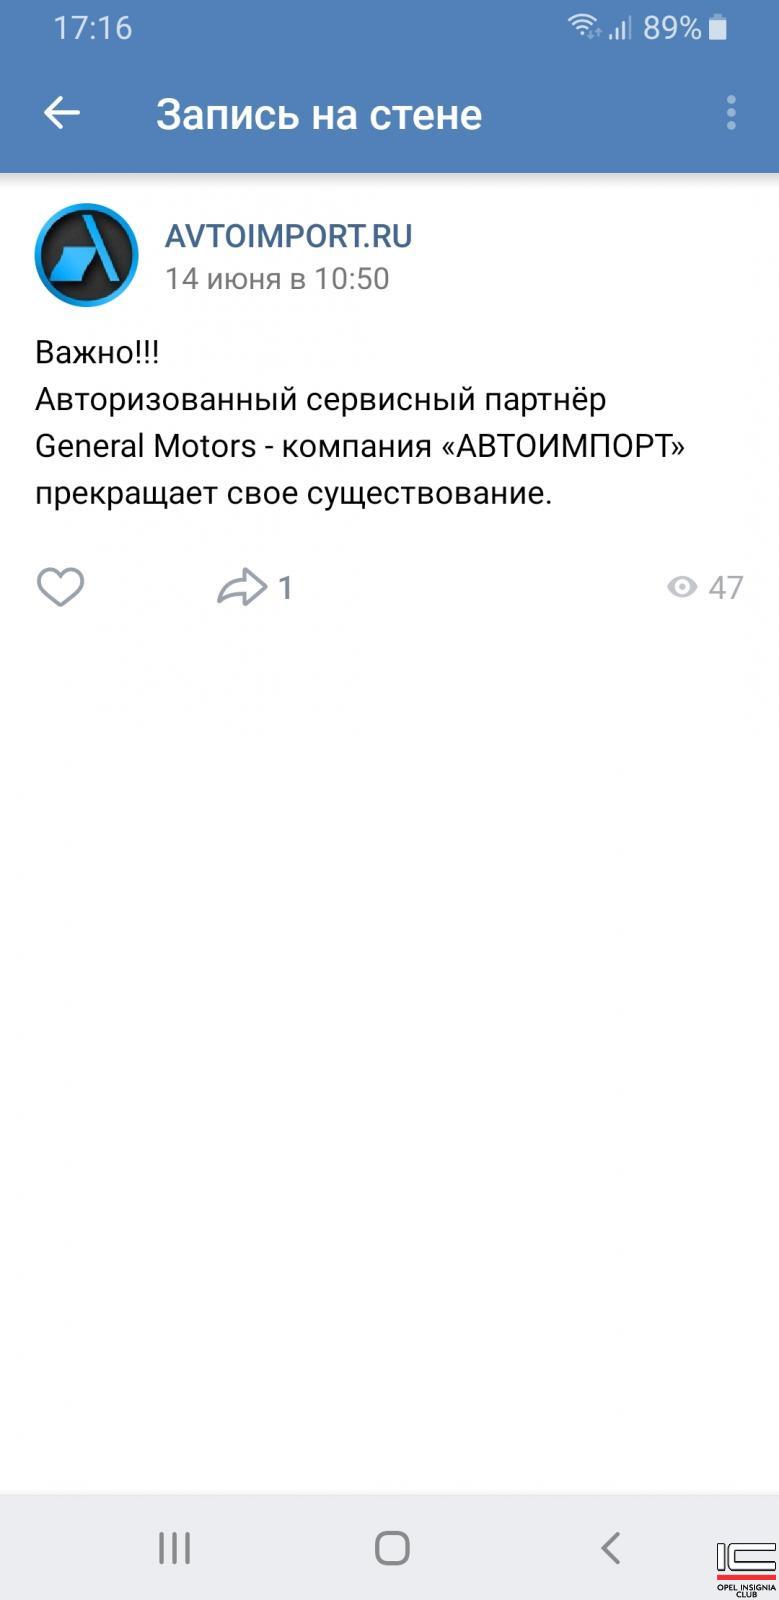 Screenshot_20190628-171646_VK.jpg